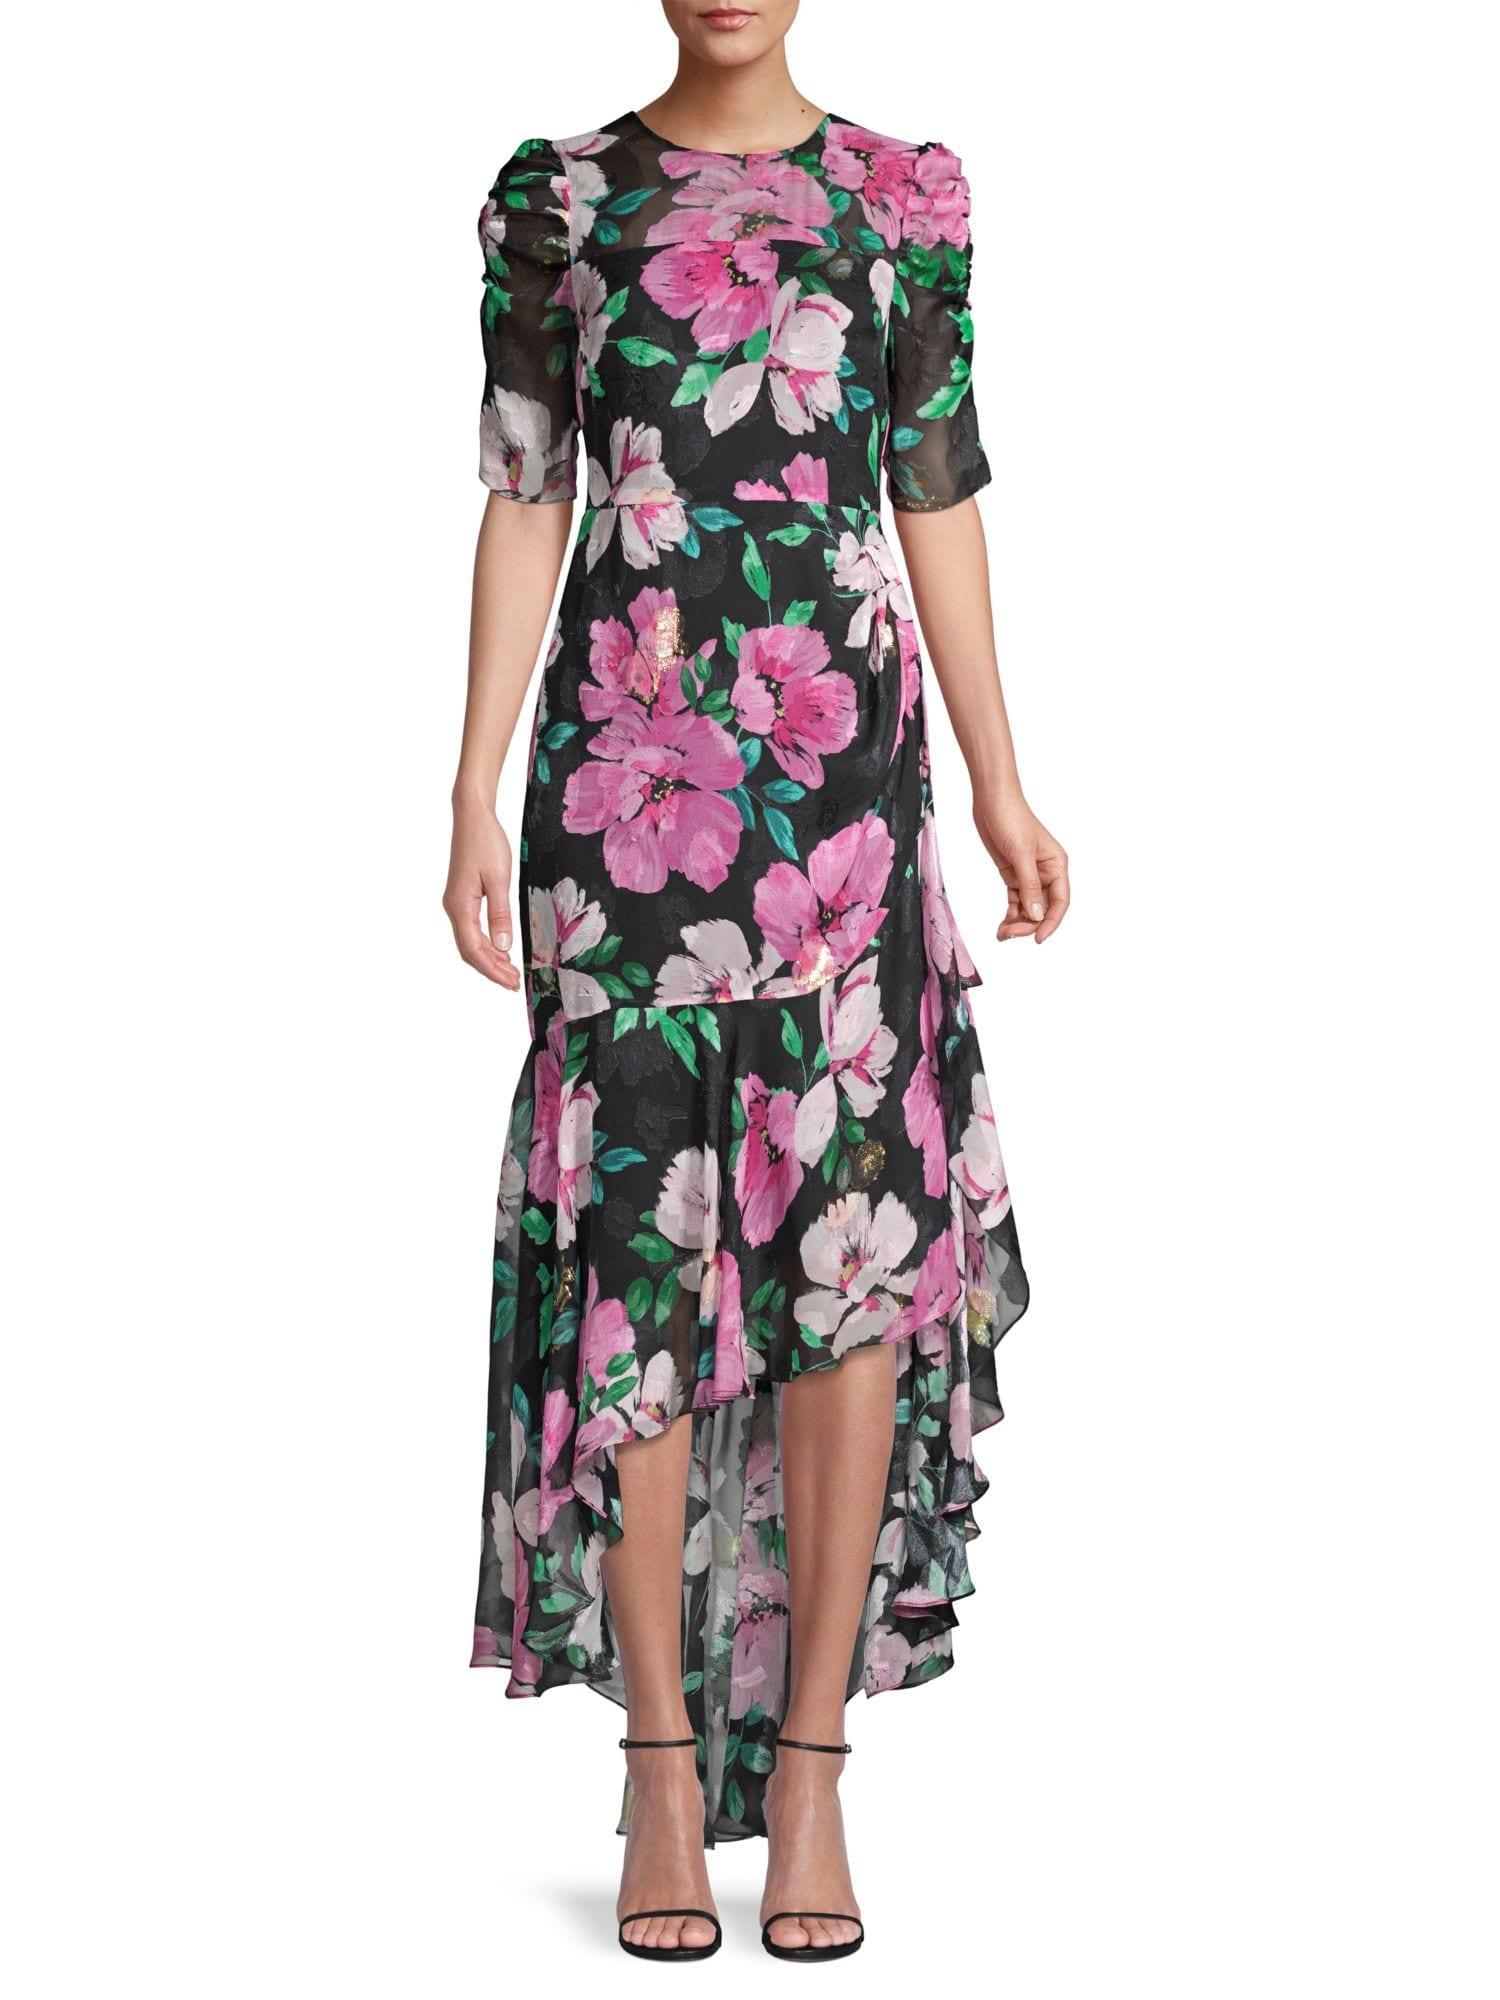 SHOSHANNA Joya Bloom Dress